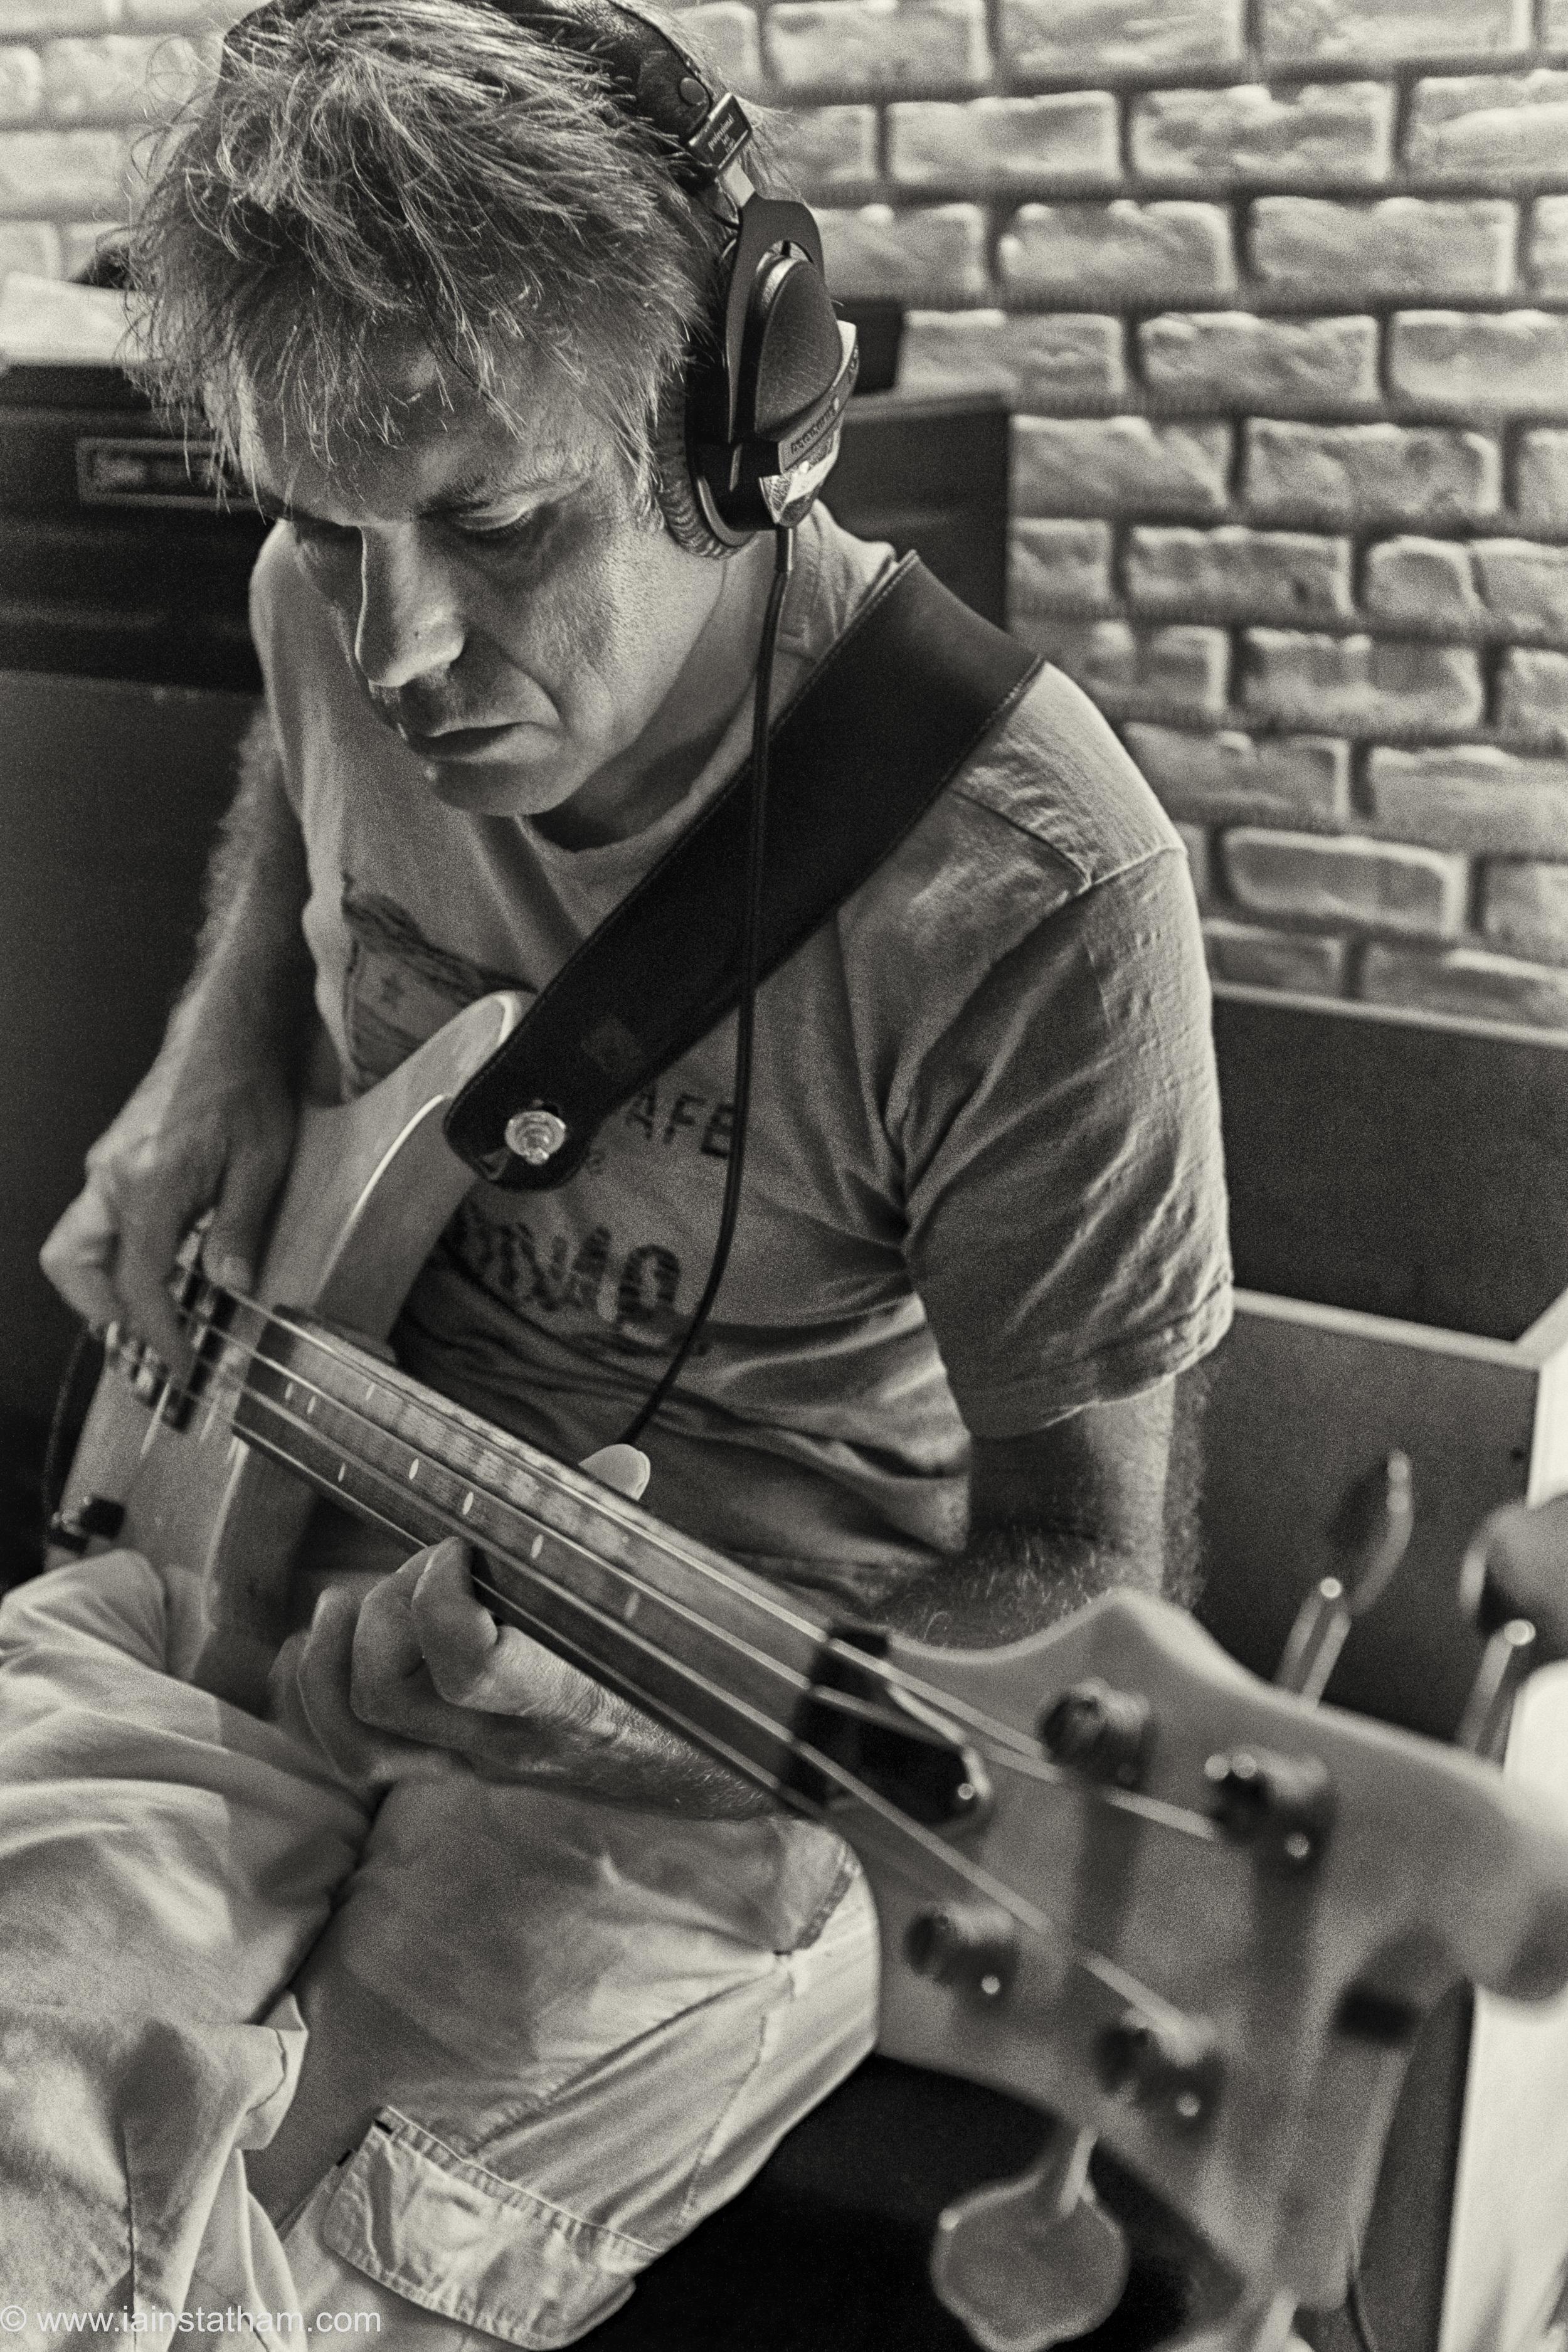 fr - music - mahognay - studio - bw - august 15-19.jpg